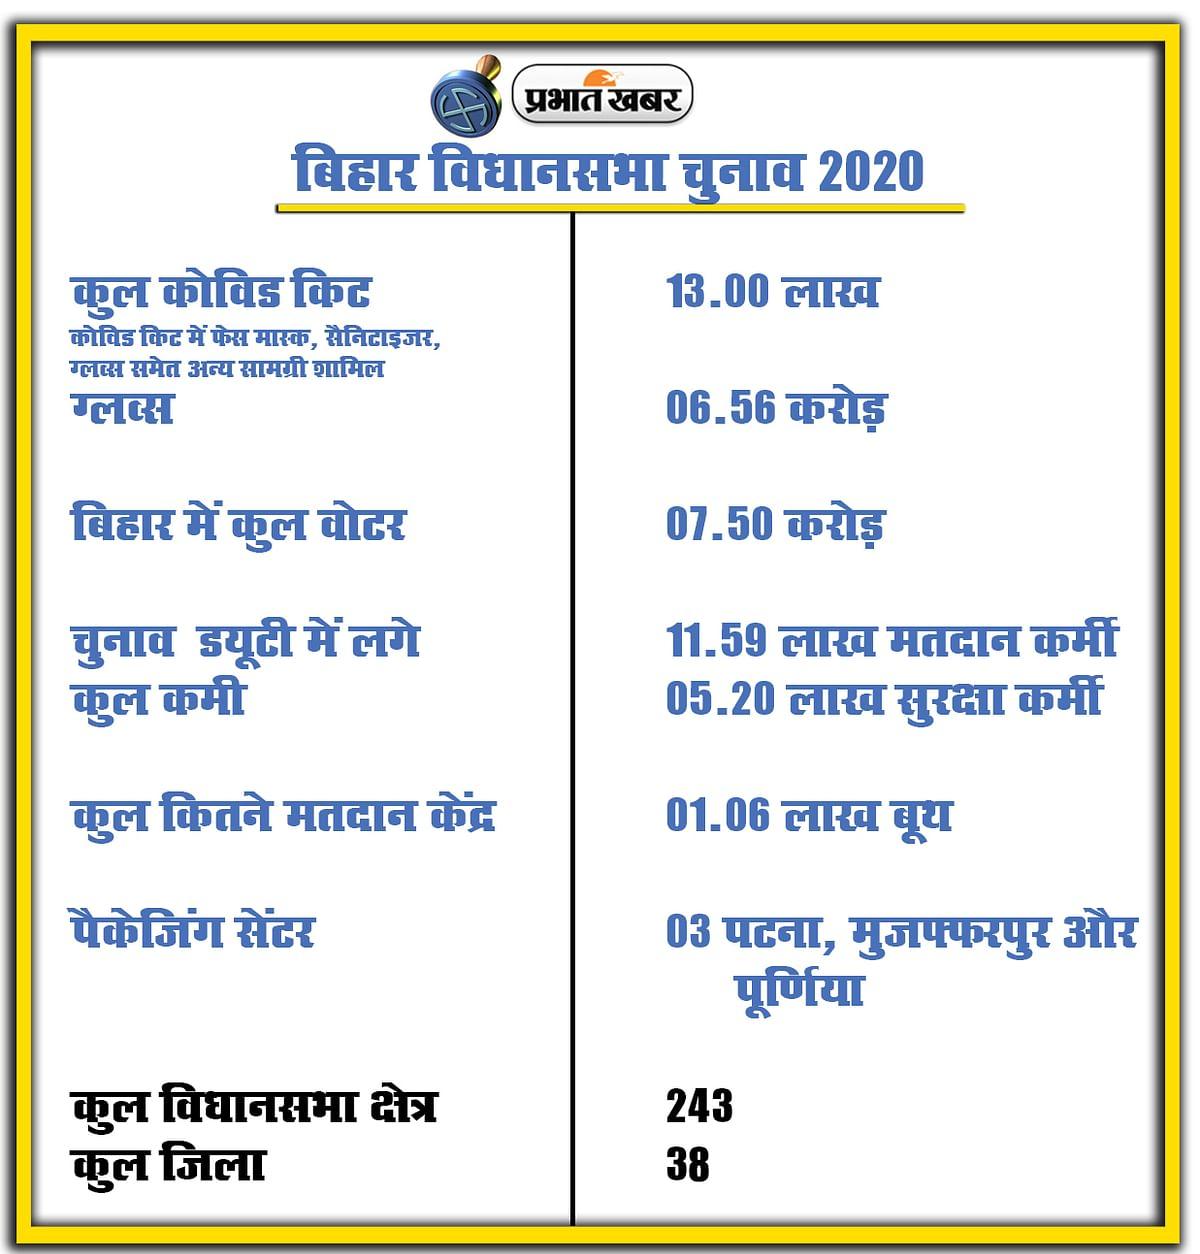 Bihar Vidhan Sabha Chunav 2020, Election commission, Covid Kit